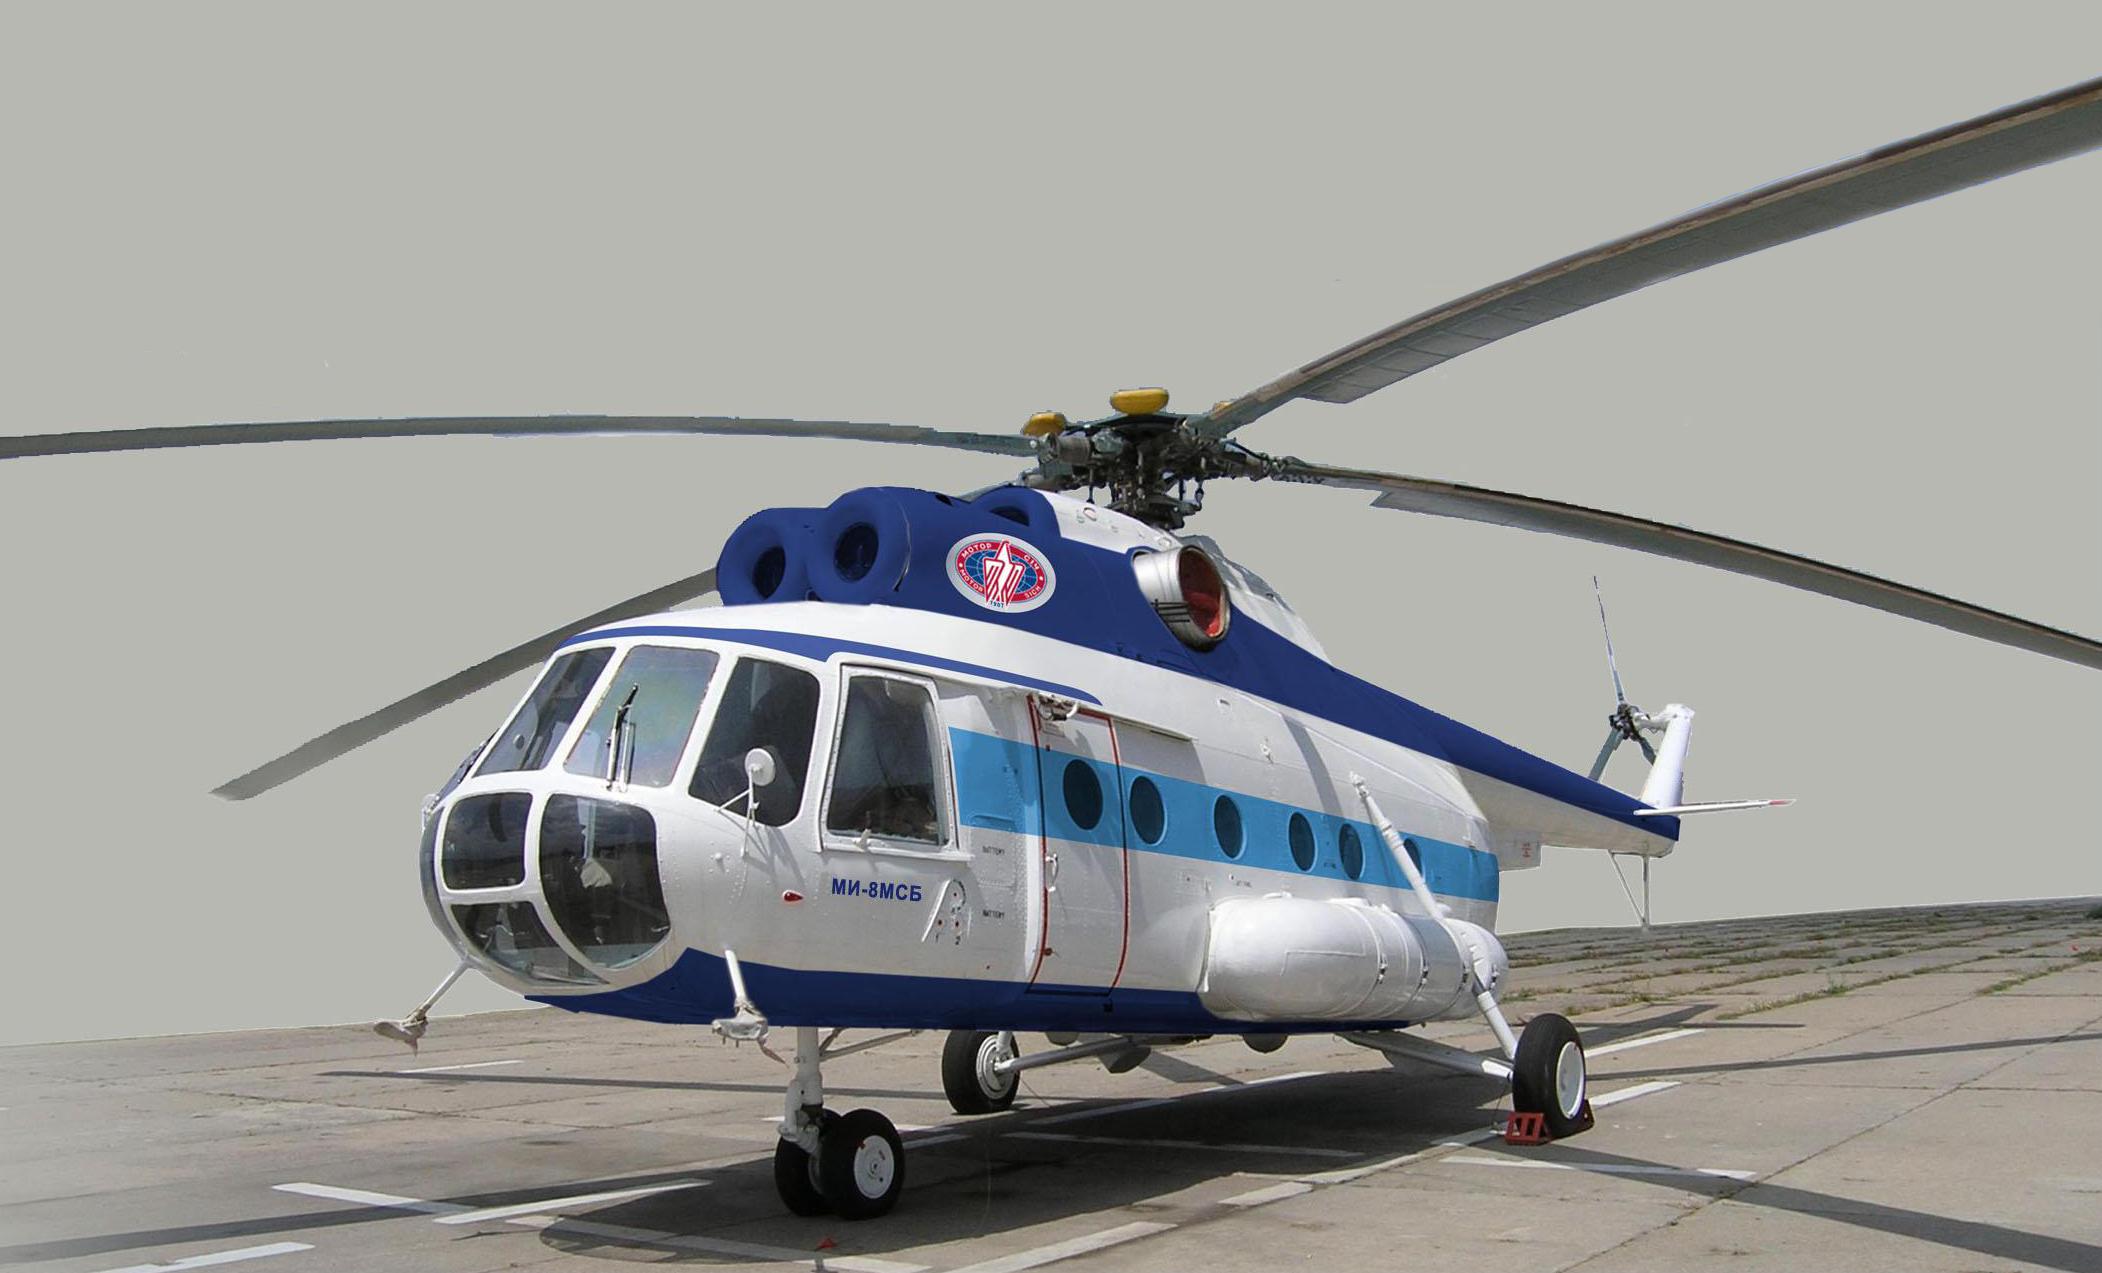 Ми-8МСБ - средний транспортный вертолет. Источник: forum.milua.org